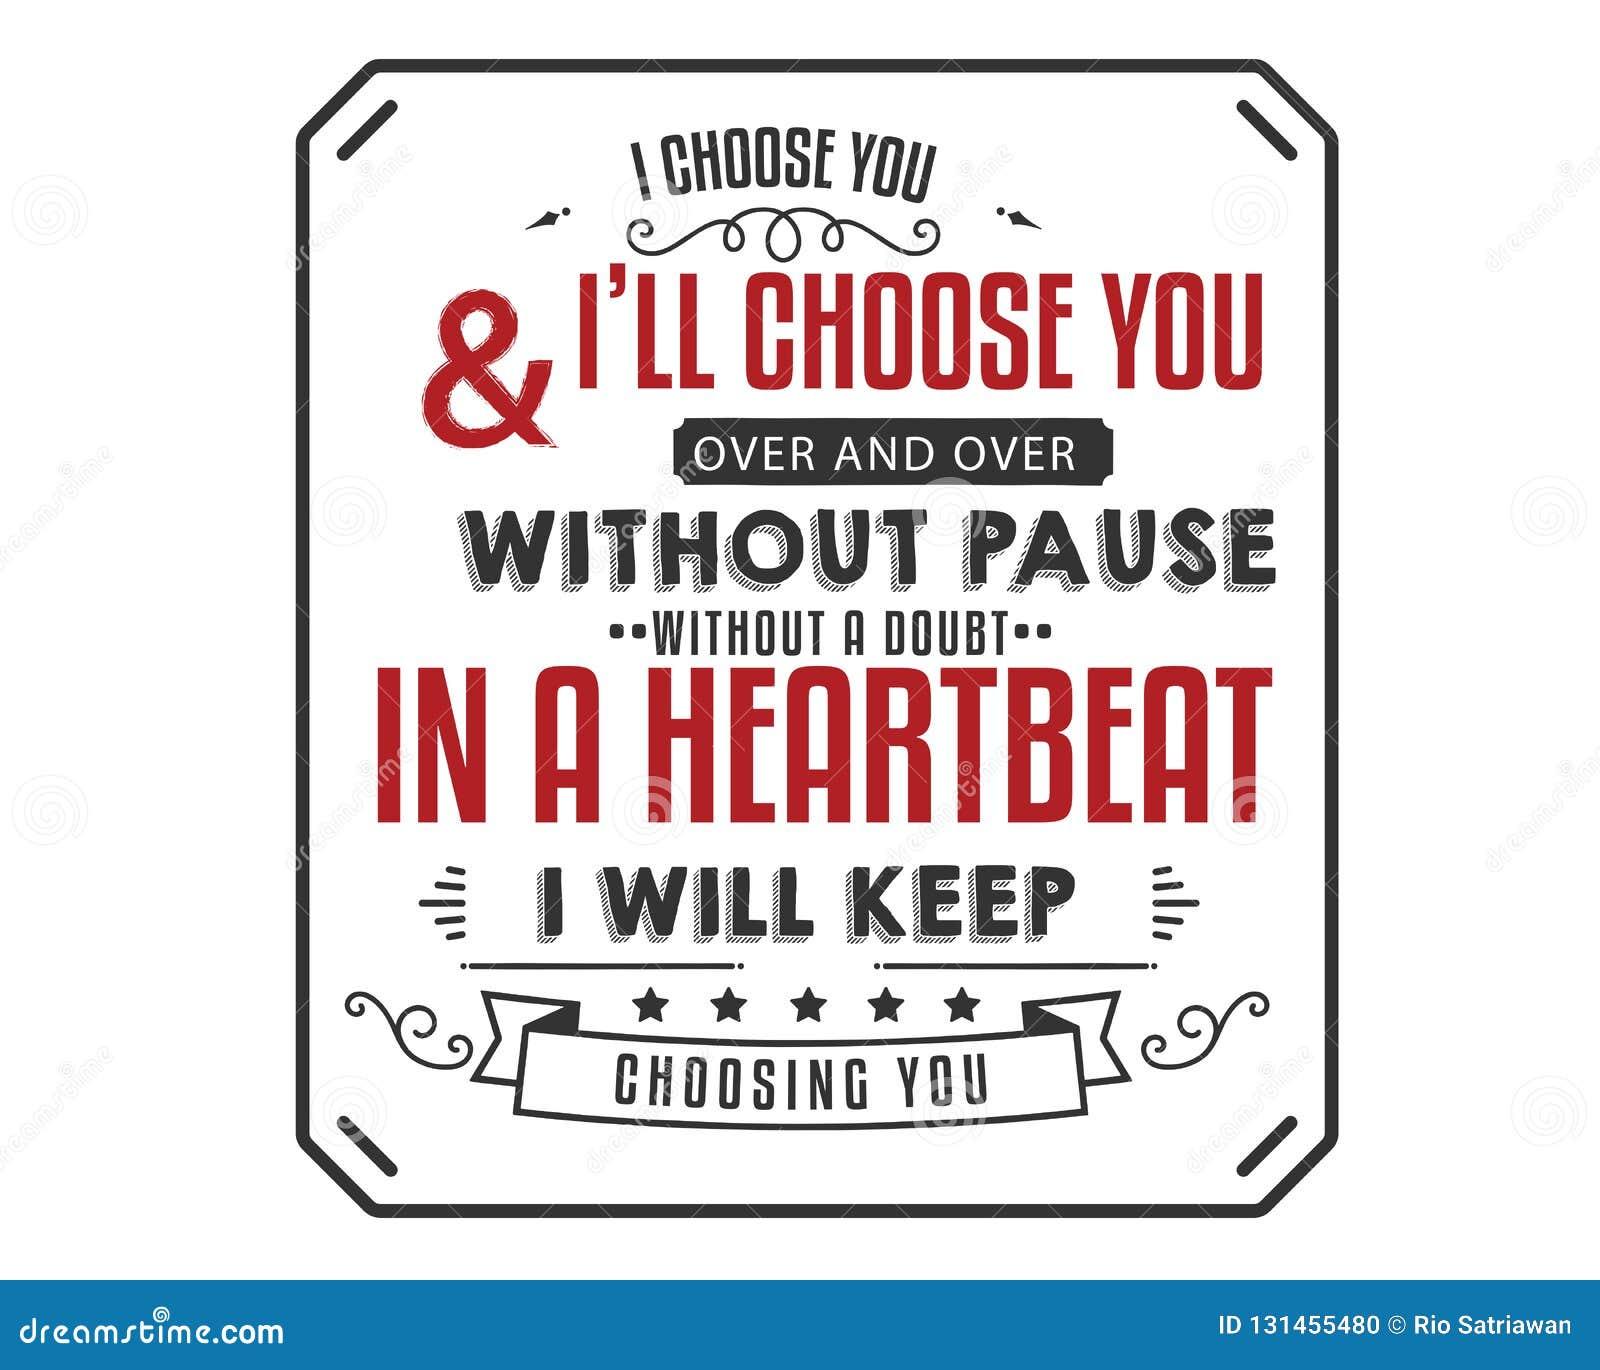 Le elijo y le elegiré encima y repetidamente sin pausa sin una duda, inmediatamente guardaré el elegir de usted